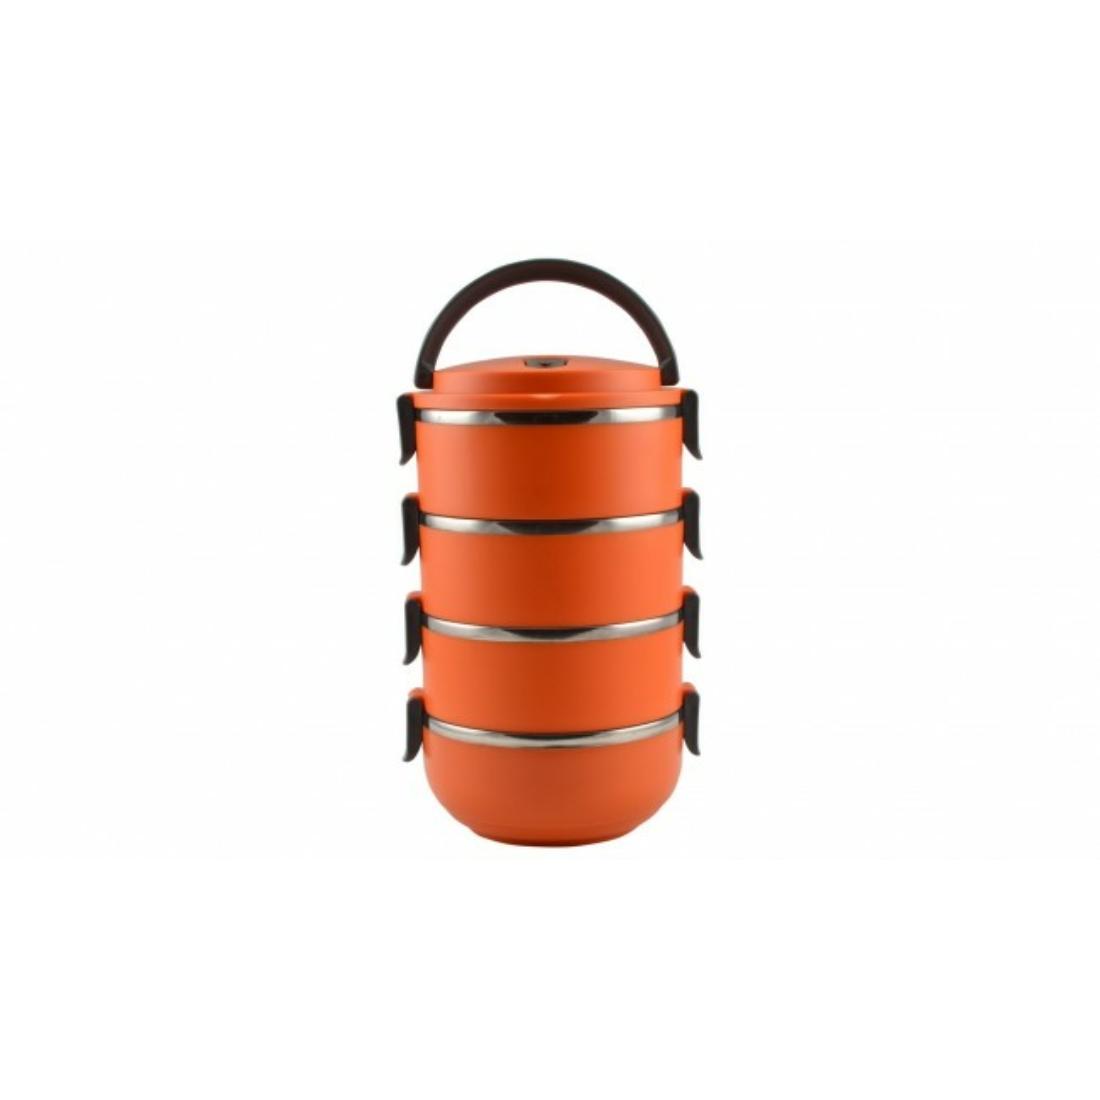 Ételhordó rozsdamentes 4 részes színes Narancssárga